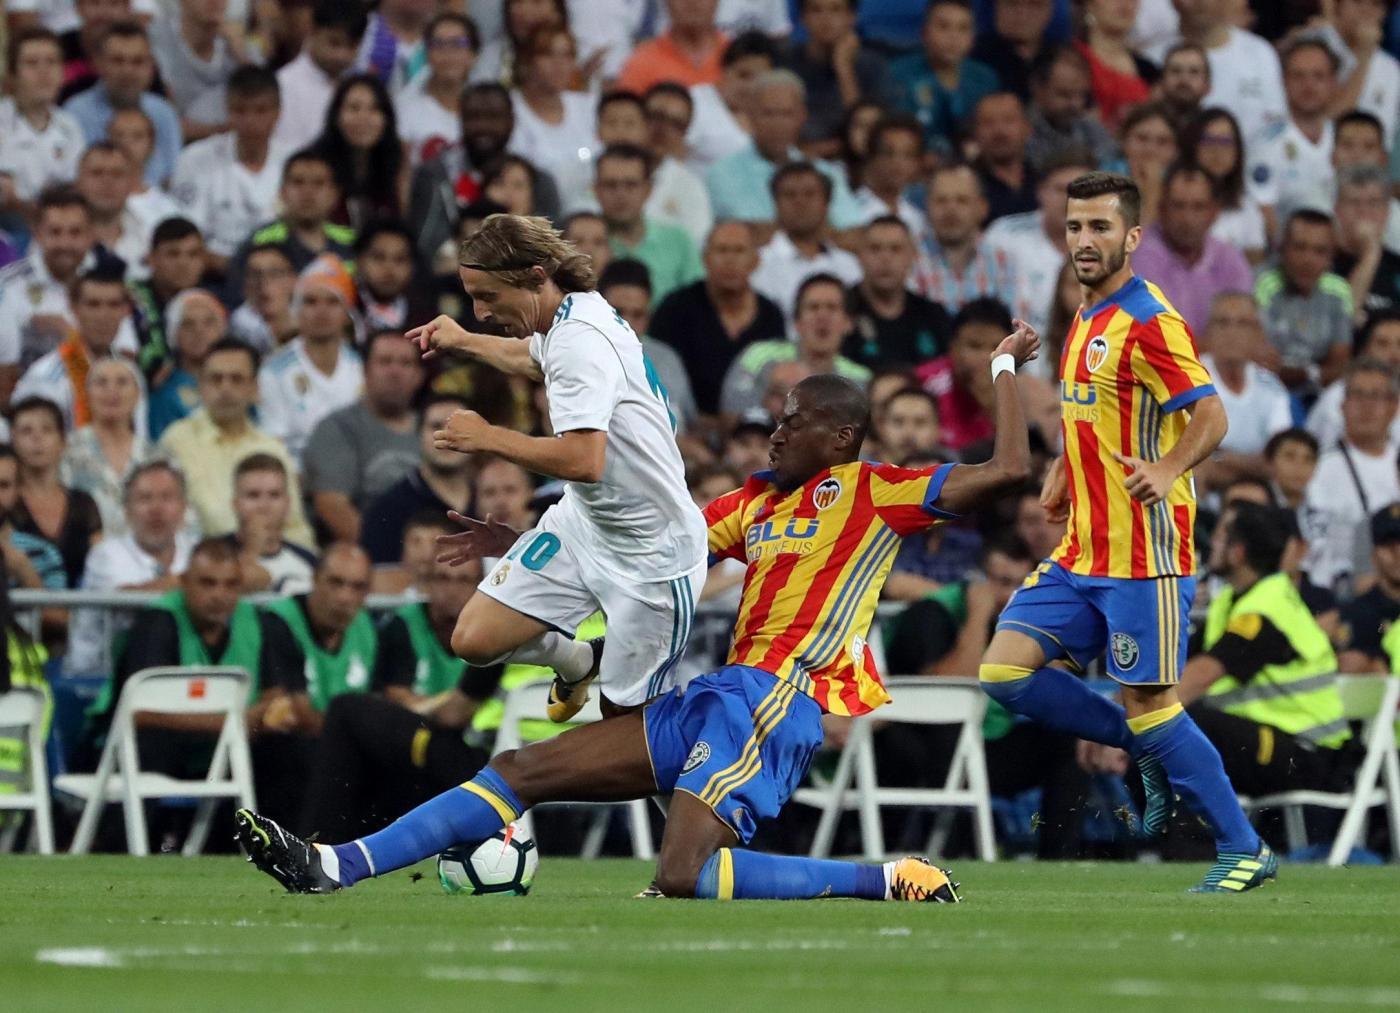 Alemany (dg Valencia):